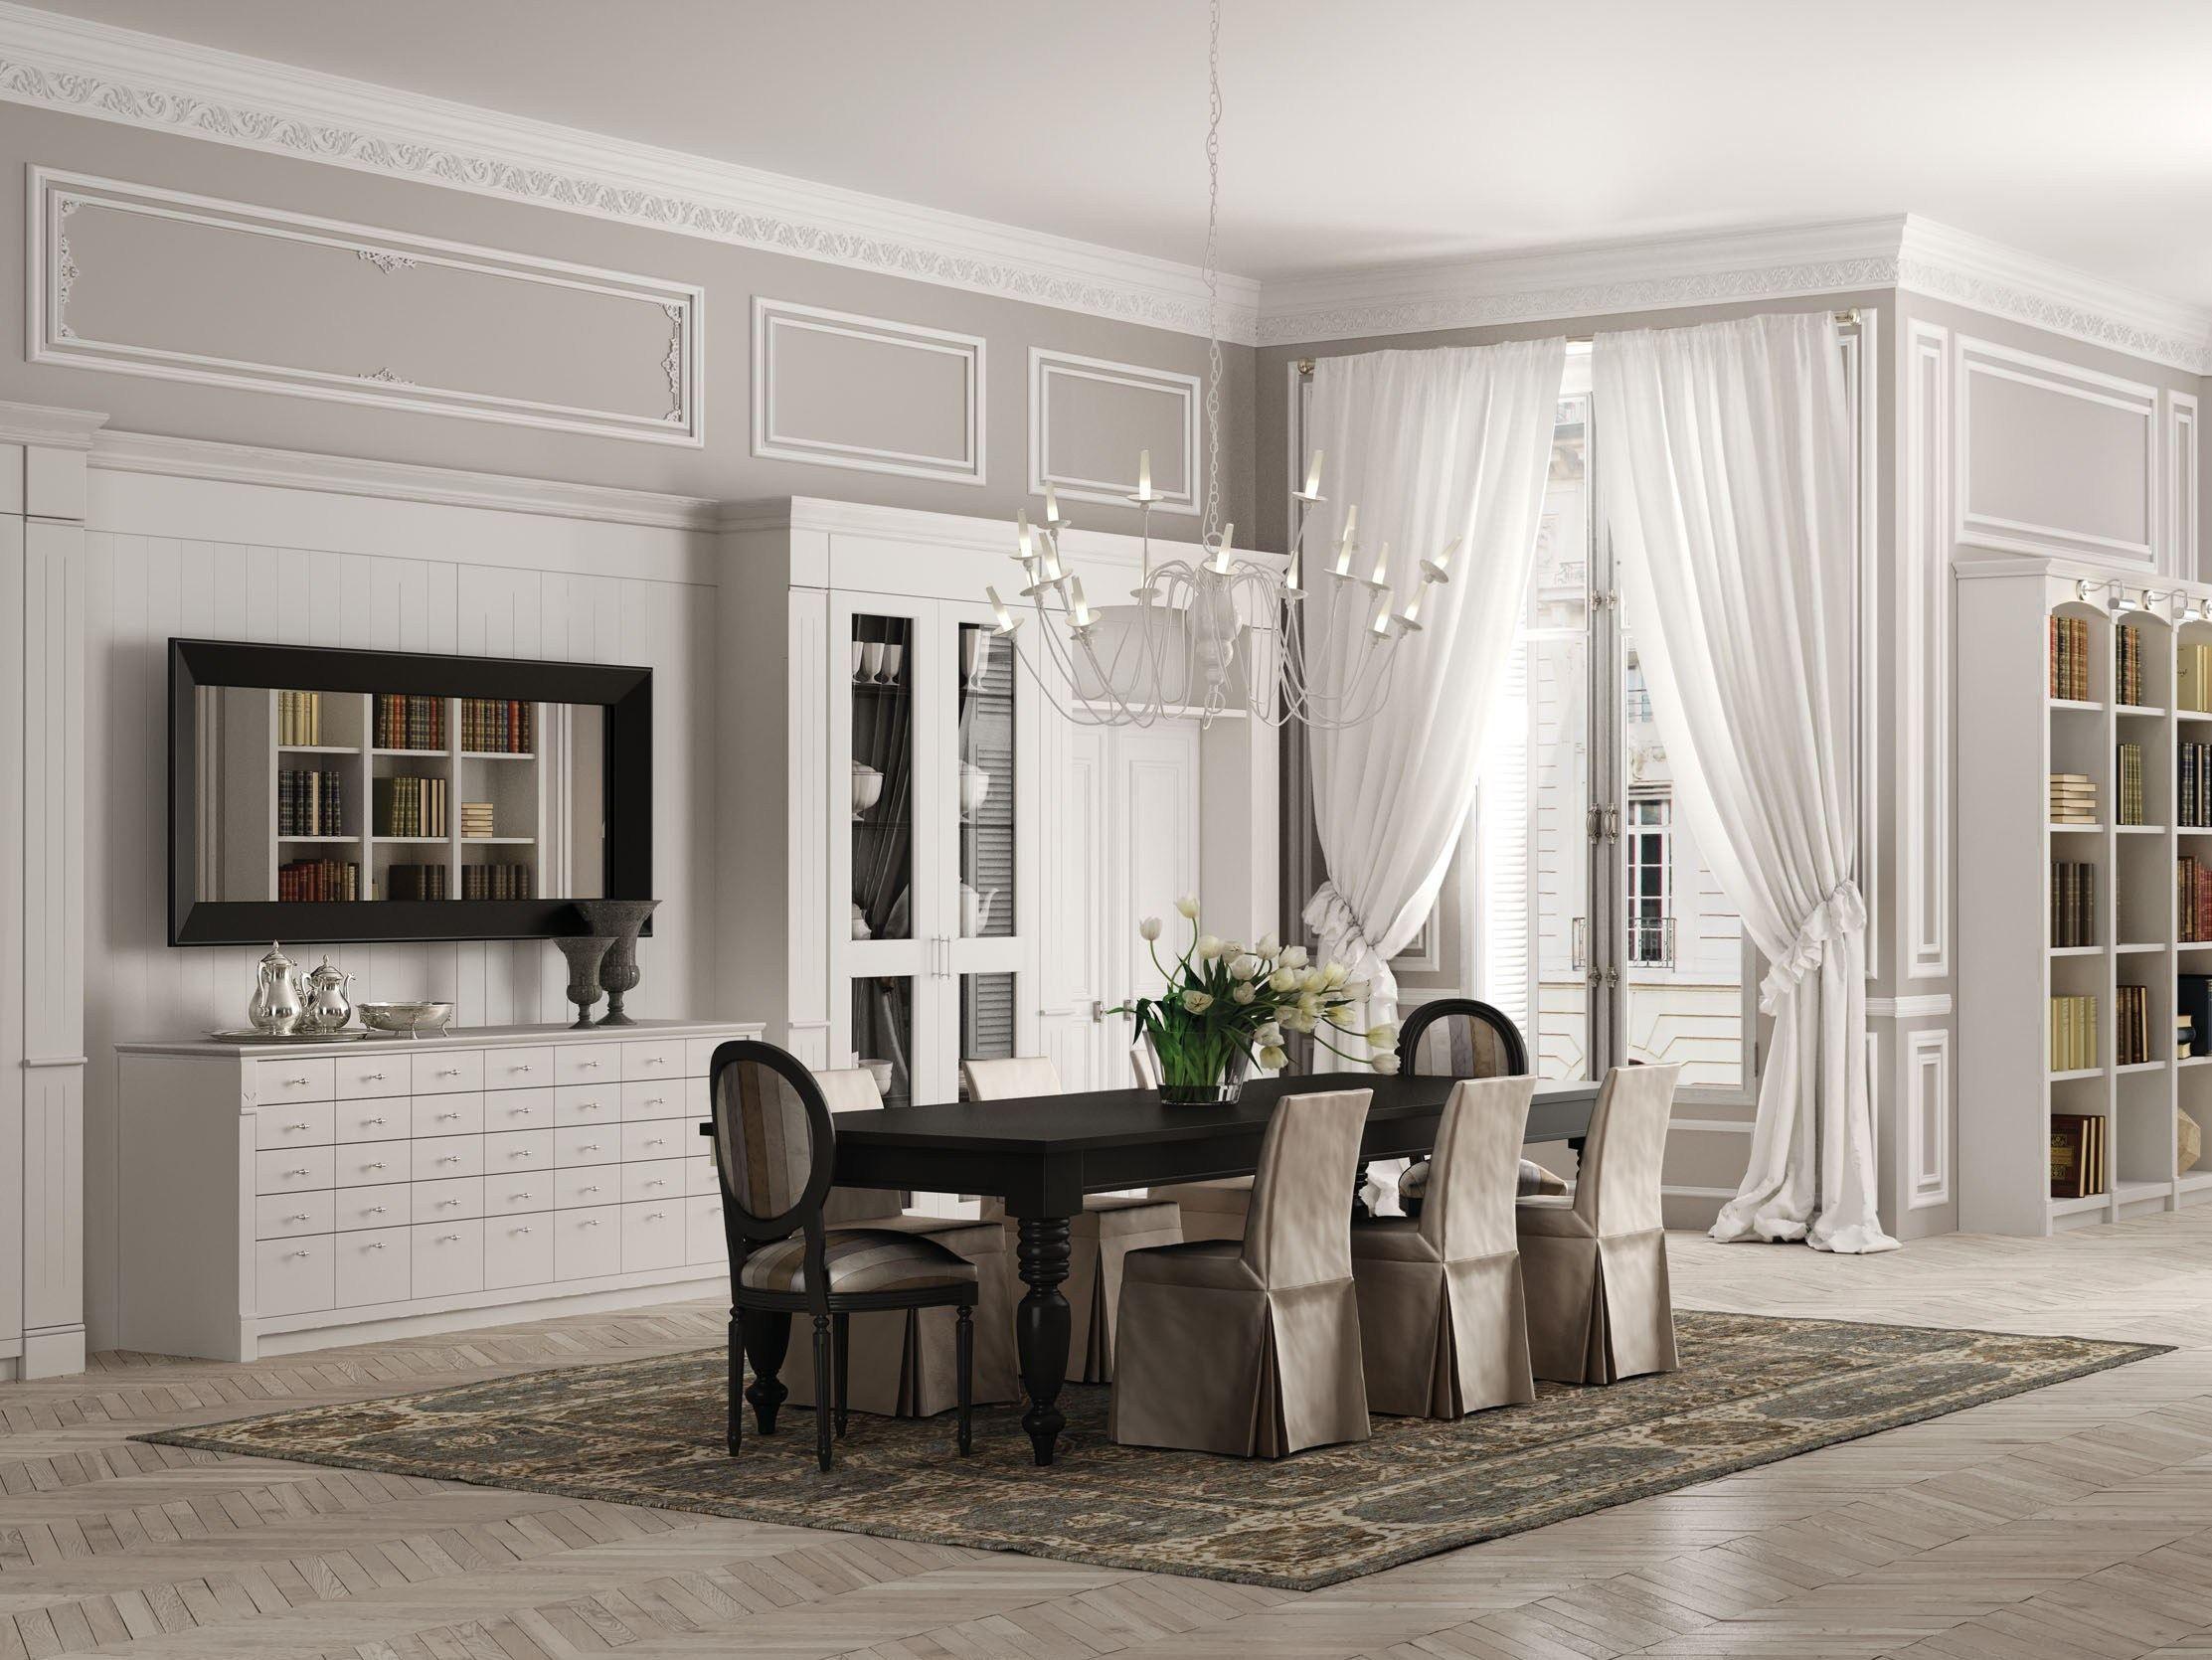 Best arredamento stile inglese bianco cheap tutto deve avere unuaria with arredamento stile - Mobili stile inglese bianco ...